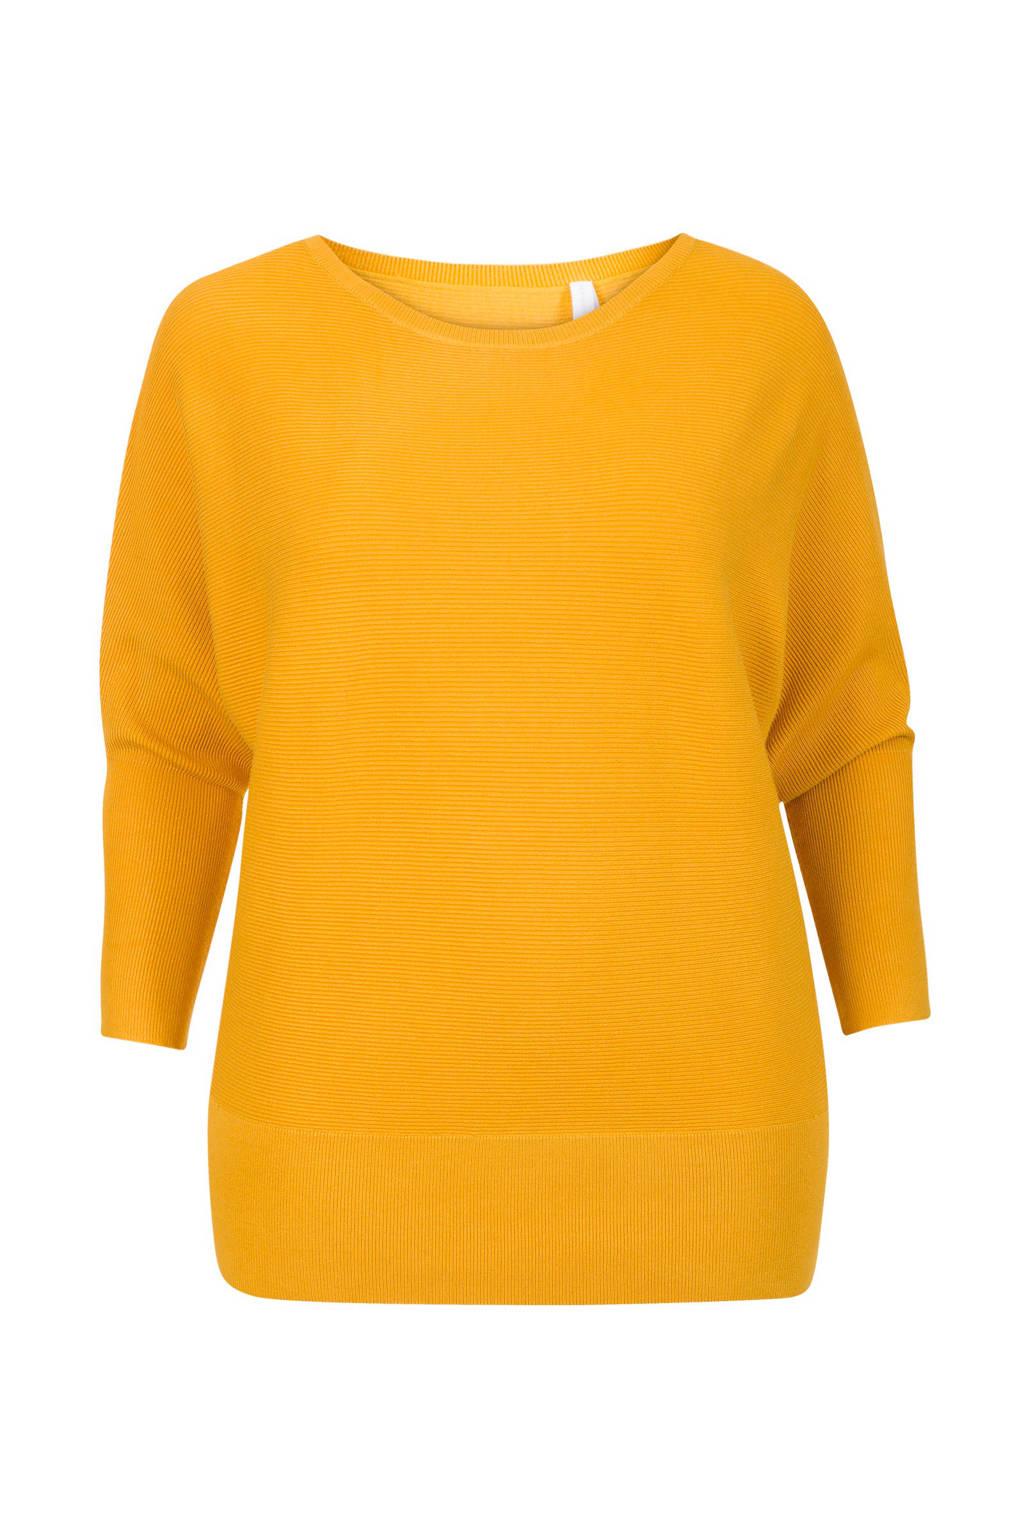 Miss Etam Plus ribgebreide trui geel, Geel